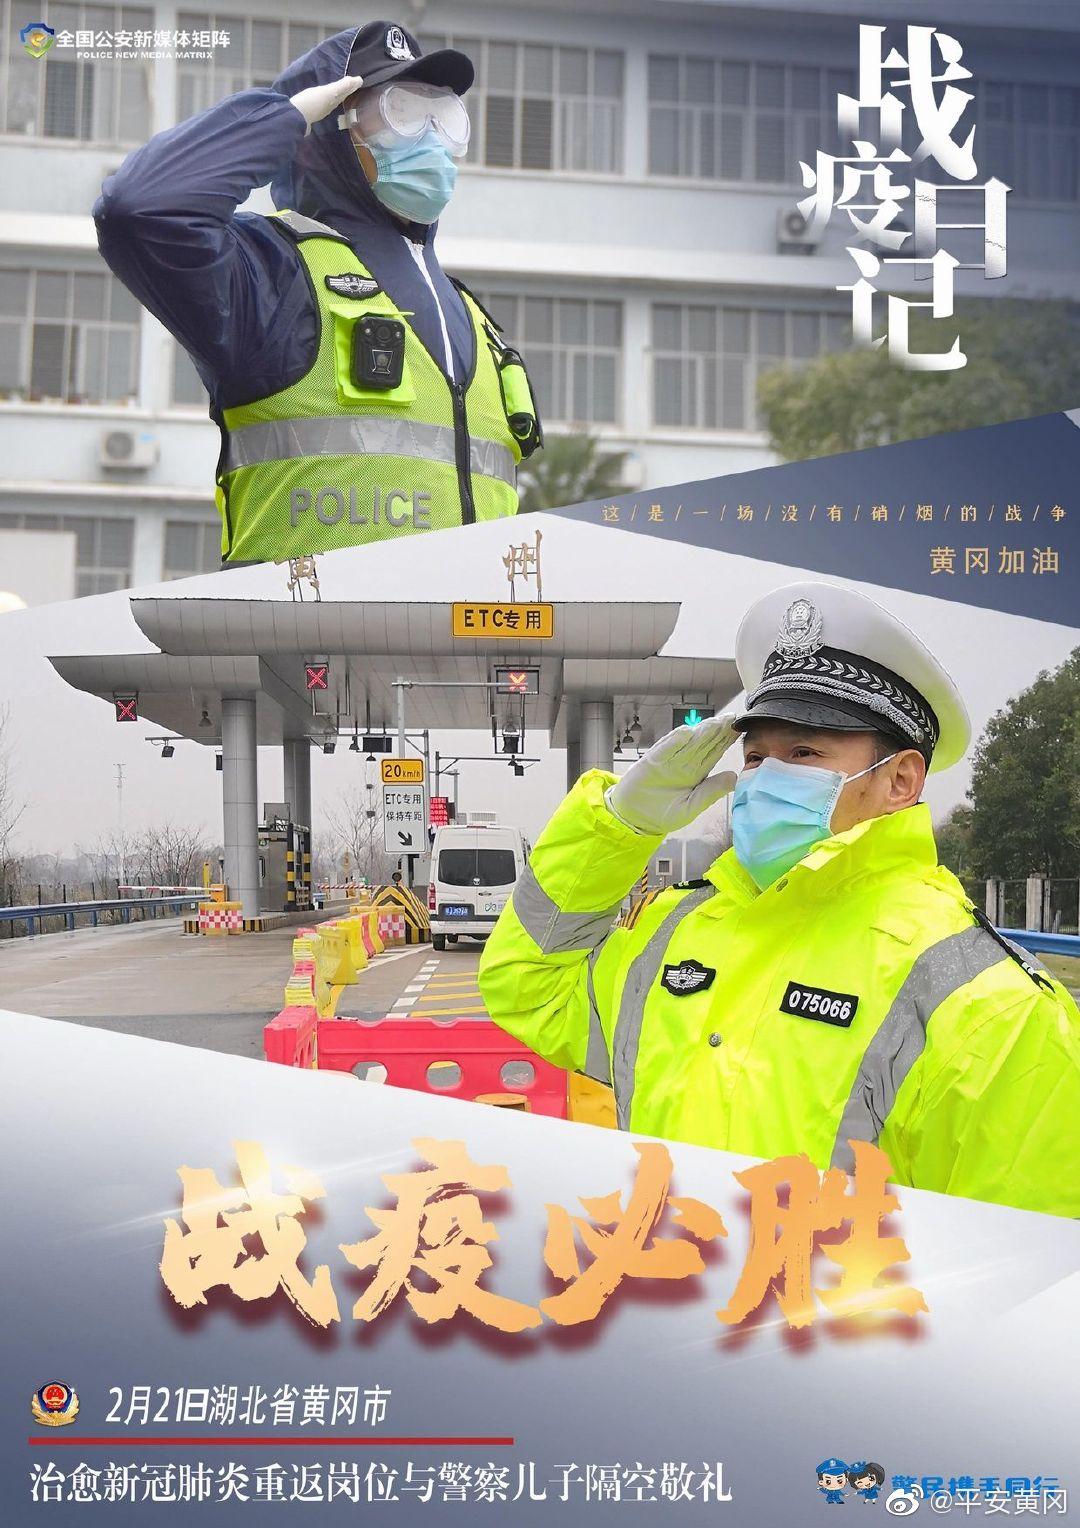 战疫日记:治愈新冠肺炎民警重返岗位,与警察儿子隔空敬礼